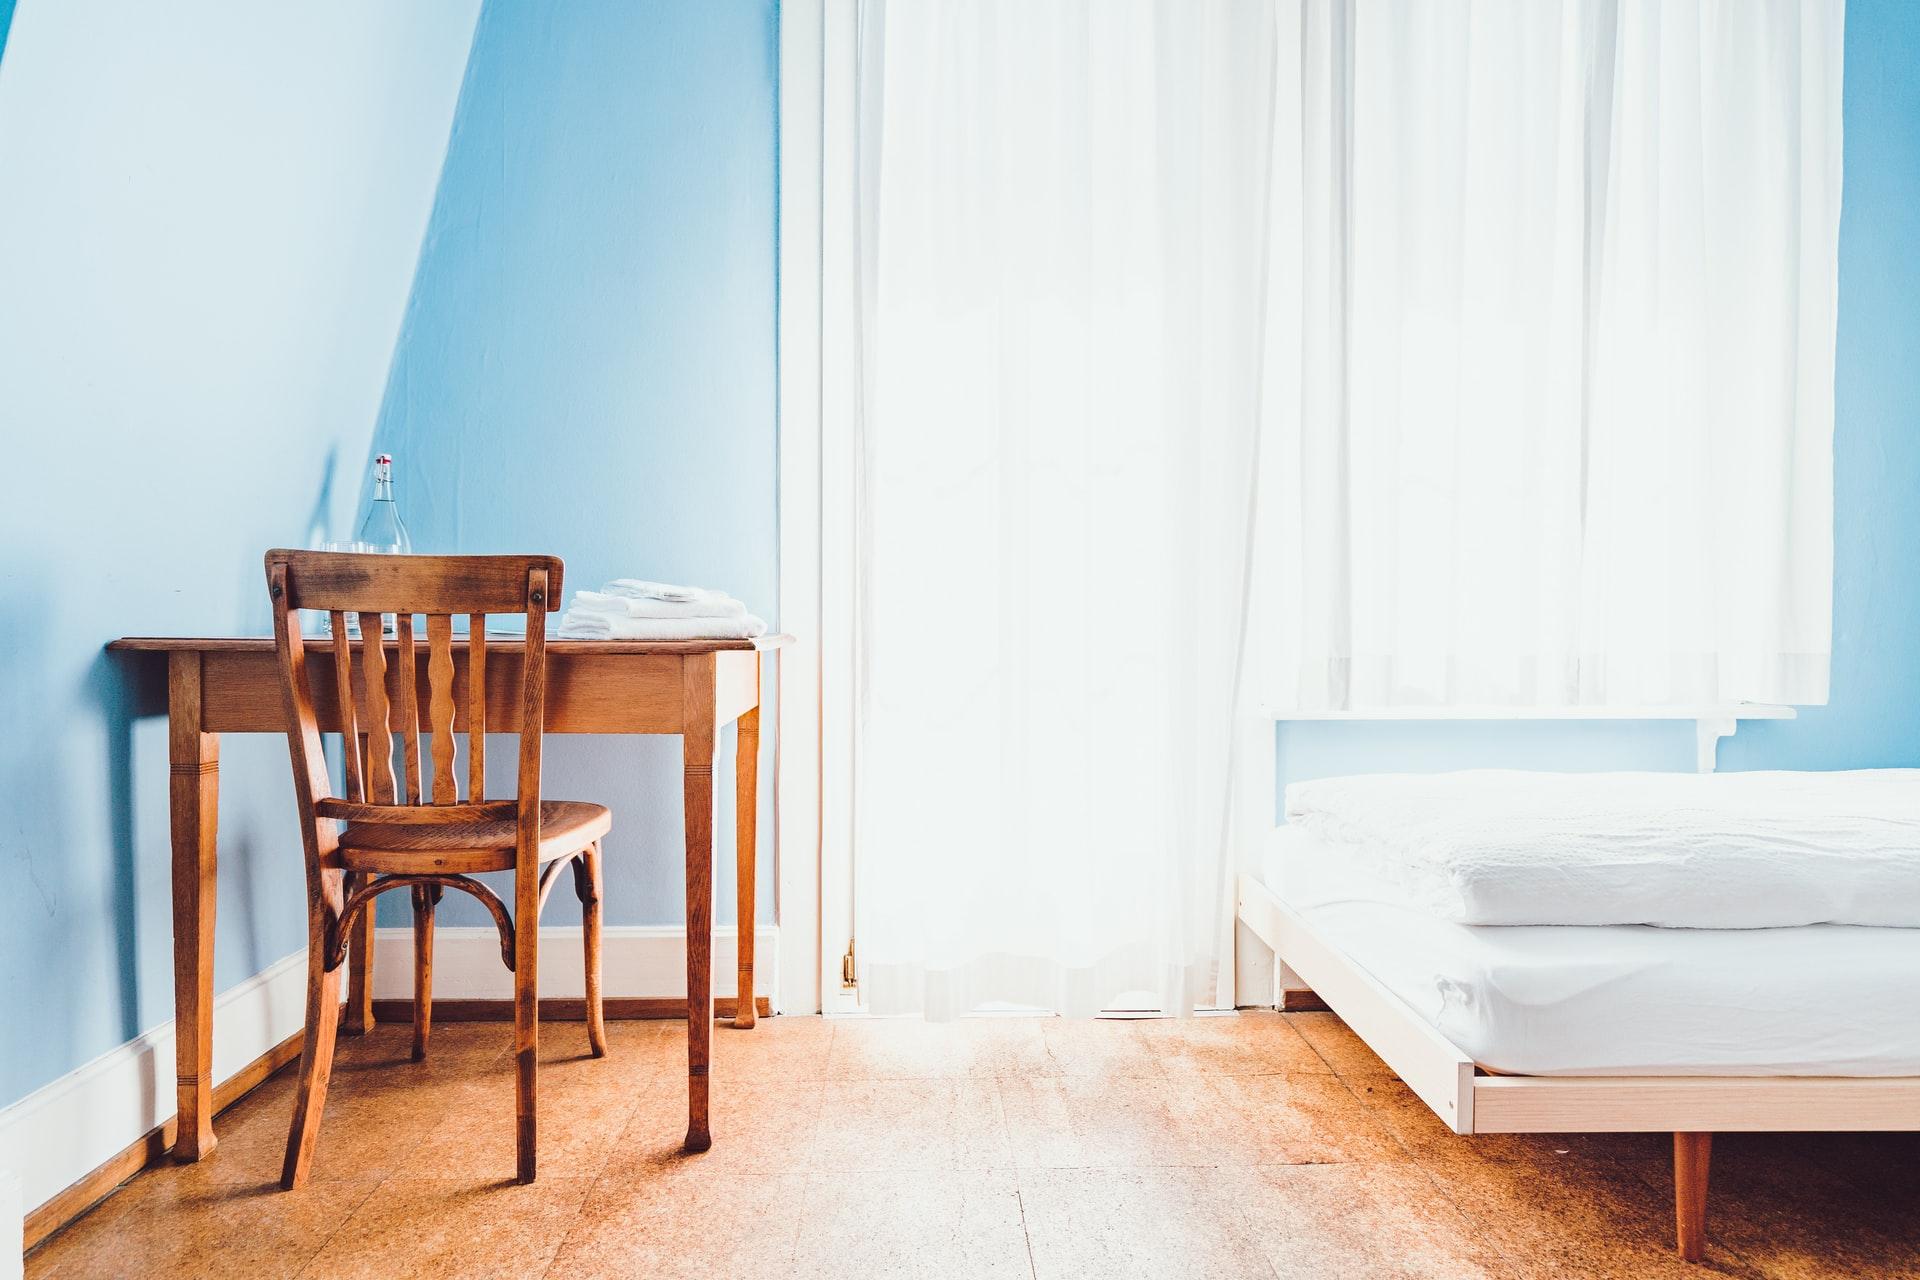 いすゞ期間工の寮は超快適!必ず一人部屋に住めます